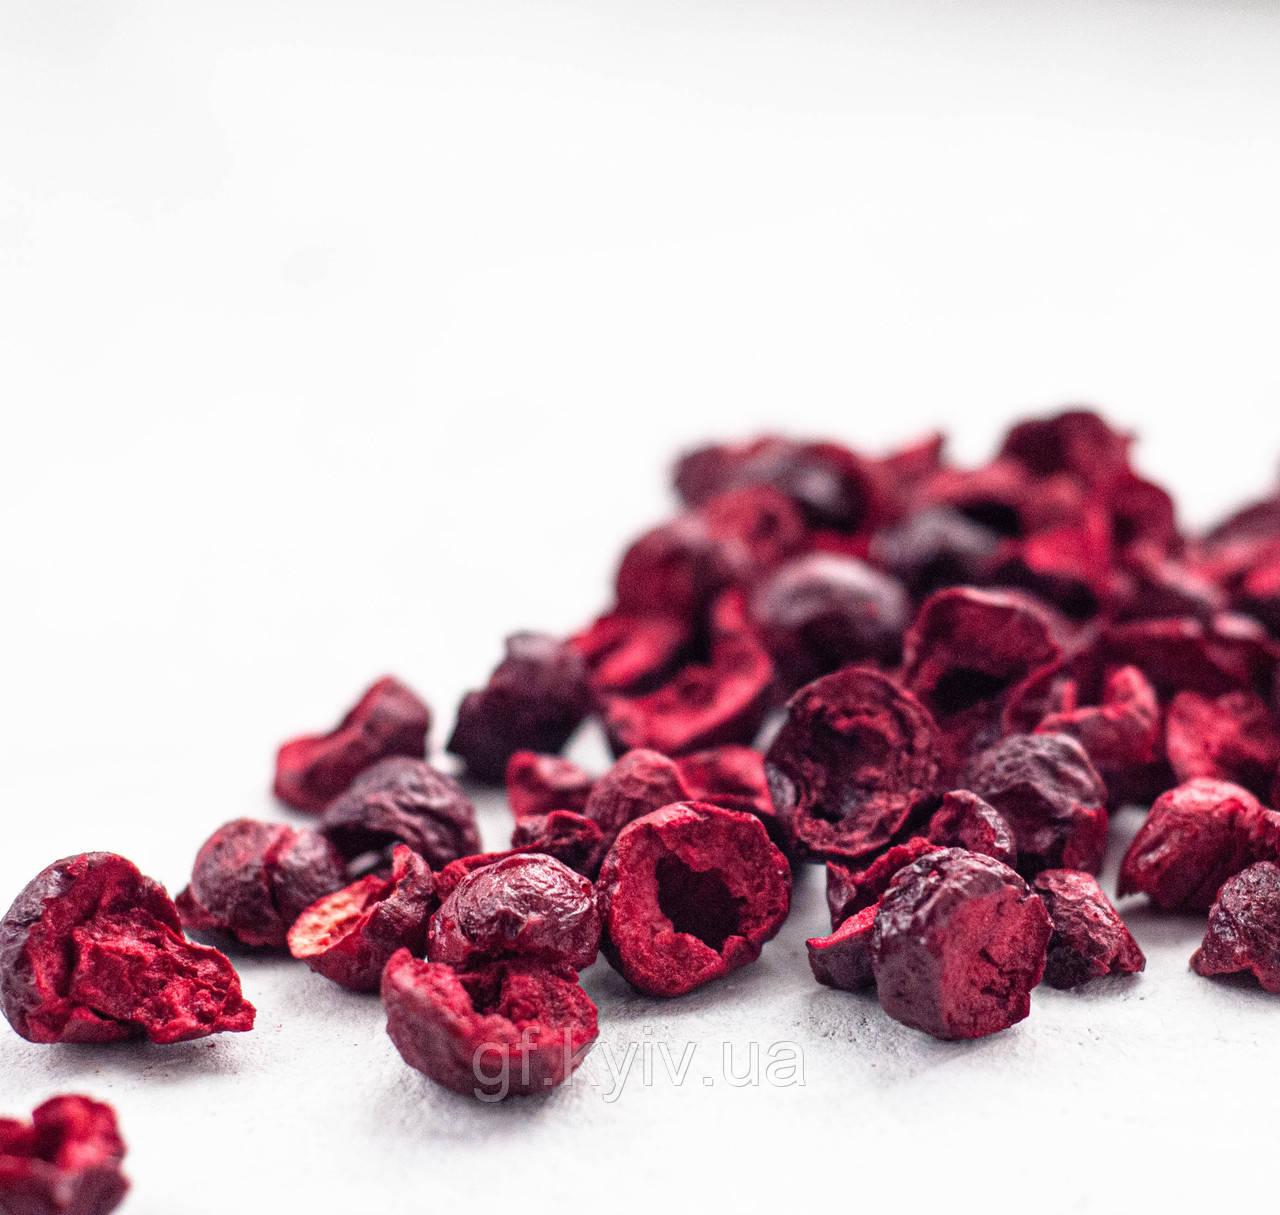 Вишня половинки 50г сублимированная натуральная ягода от украинского производителя